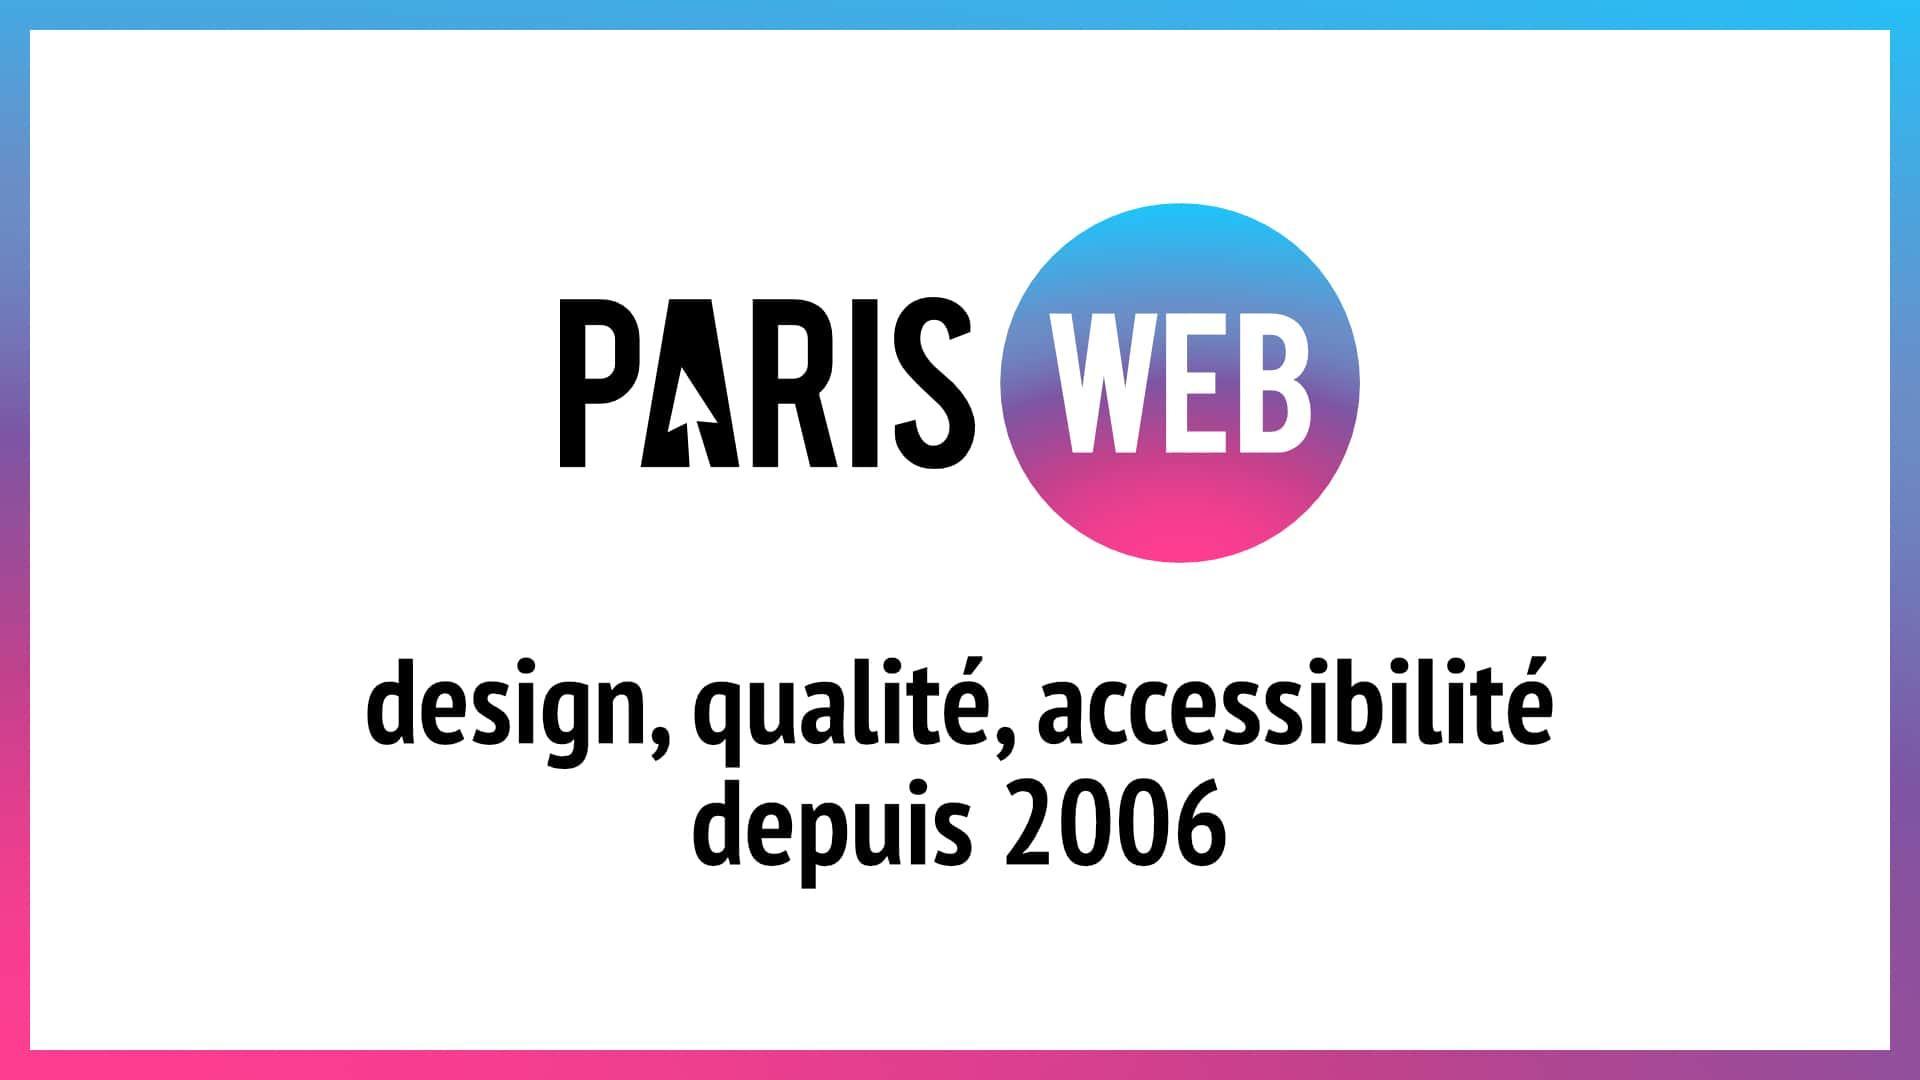 (c) Paris-web.fr